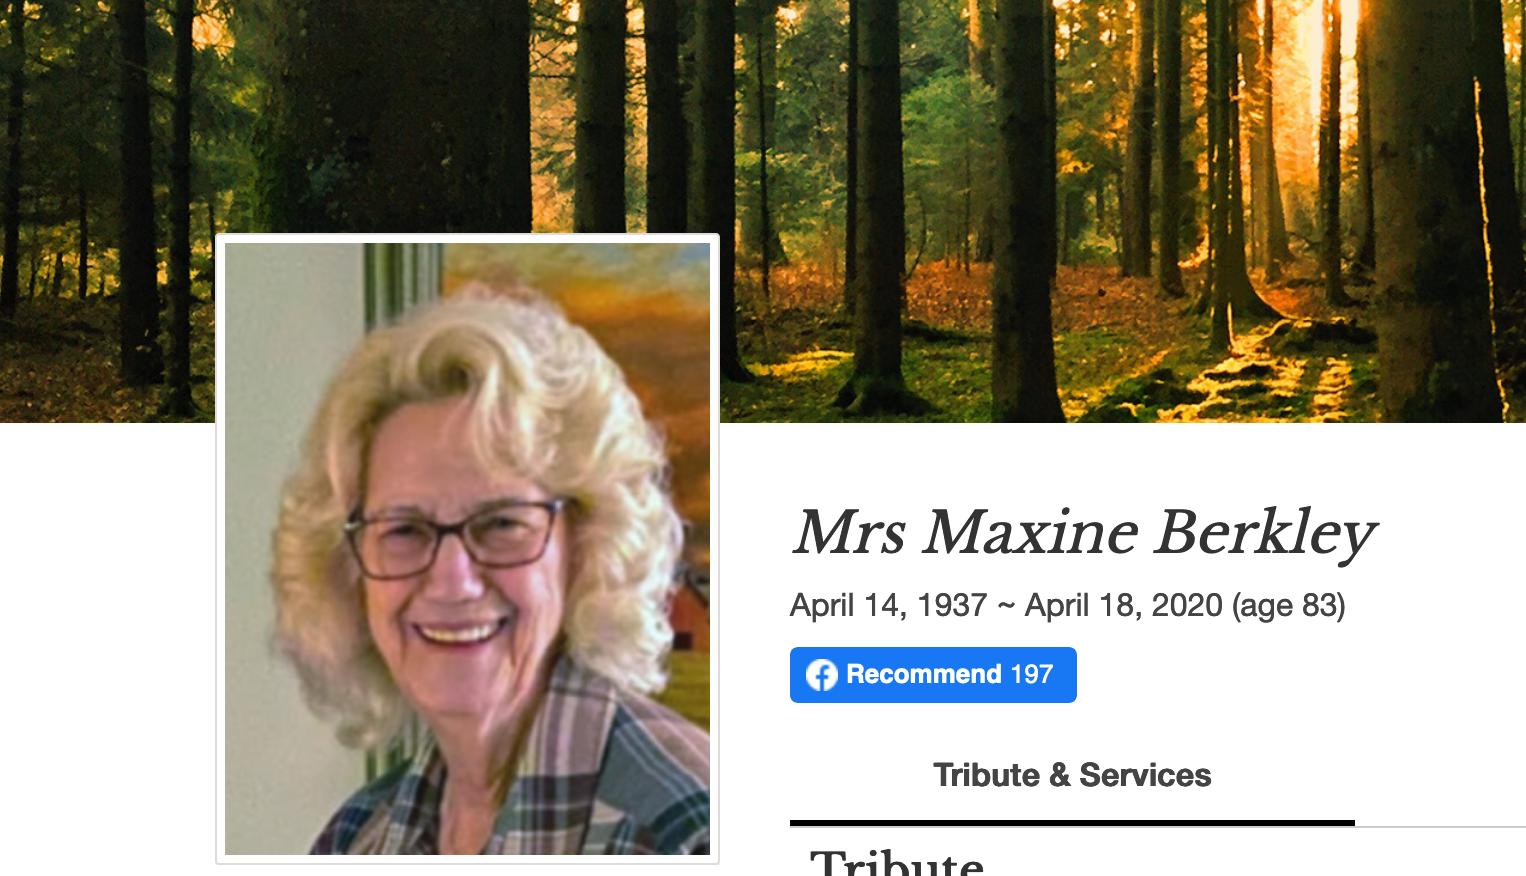 In Memory of Maxine Berkley